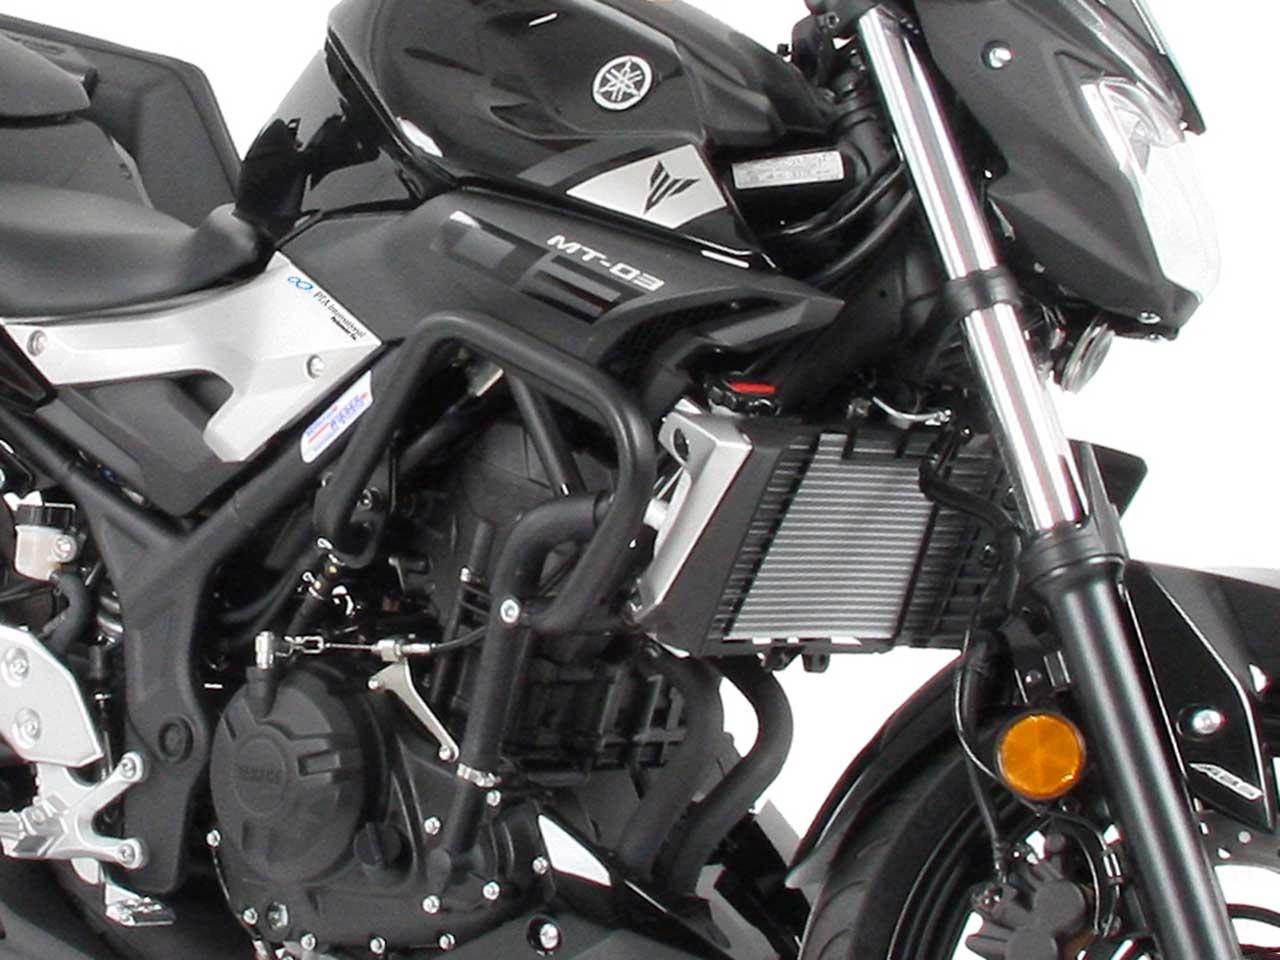 ヘプコ&ベッカー 正規品 エンジンガード Yamaha MT-03 / MT-25